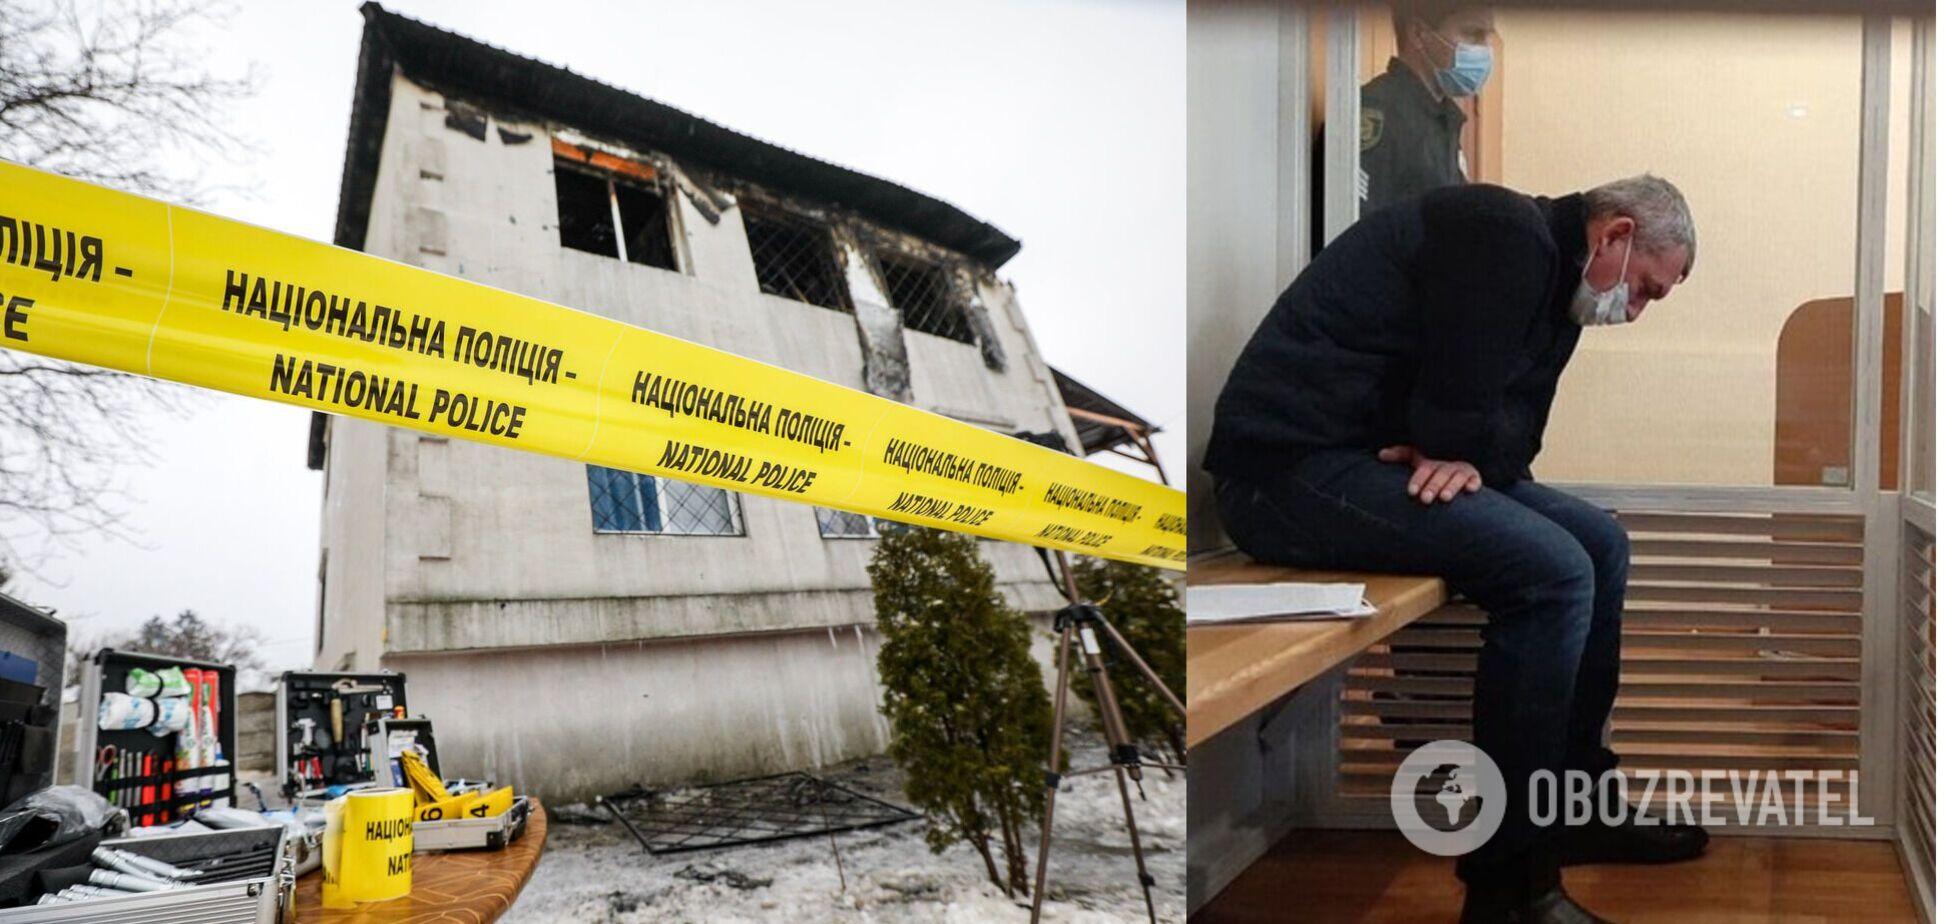 Пожежа в будинку для літніх людей у Харкові: суд виніс нове рішення щодо підозрюваних